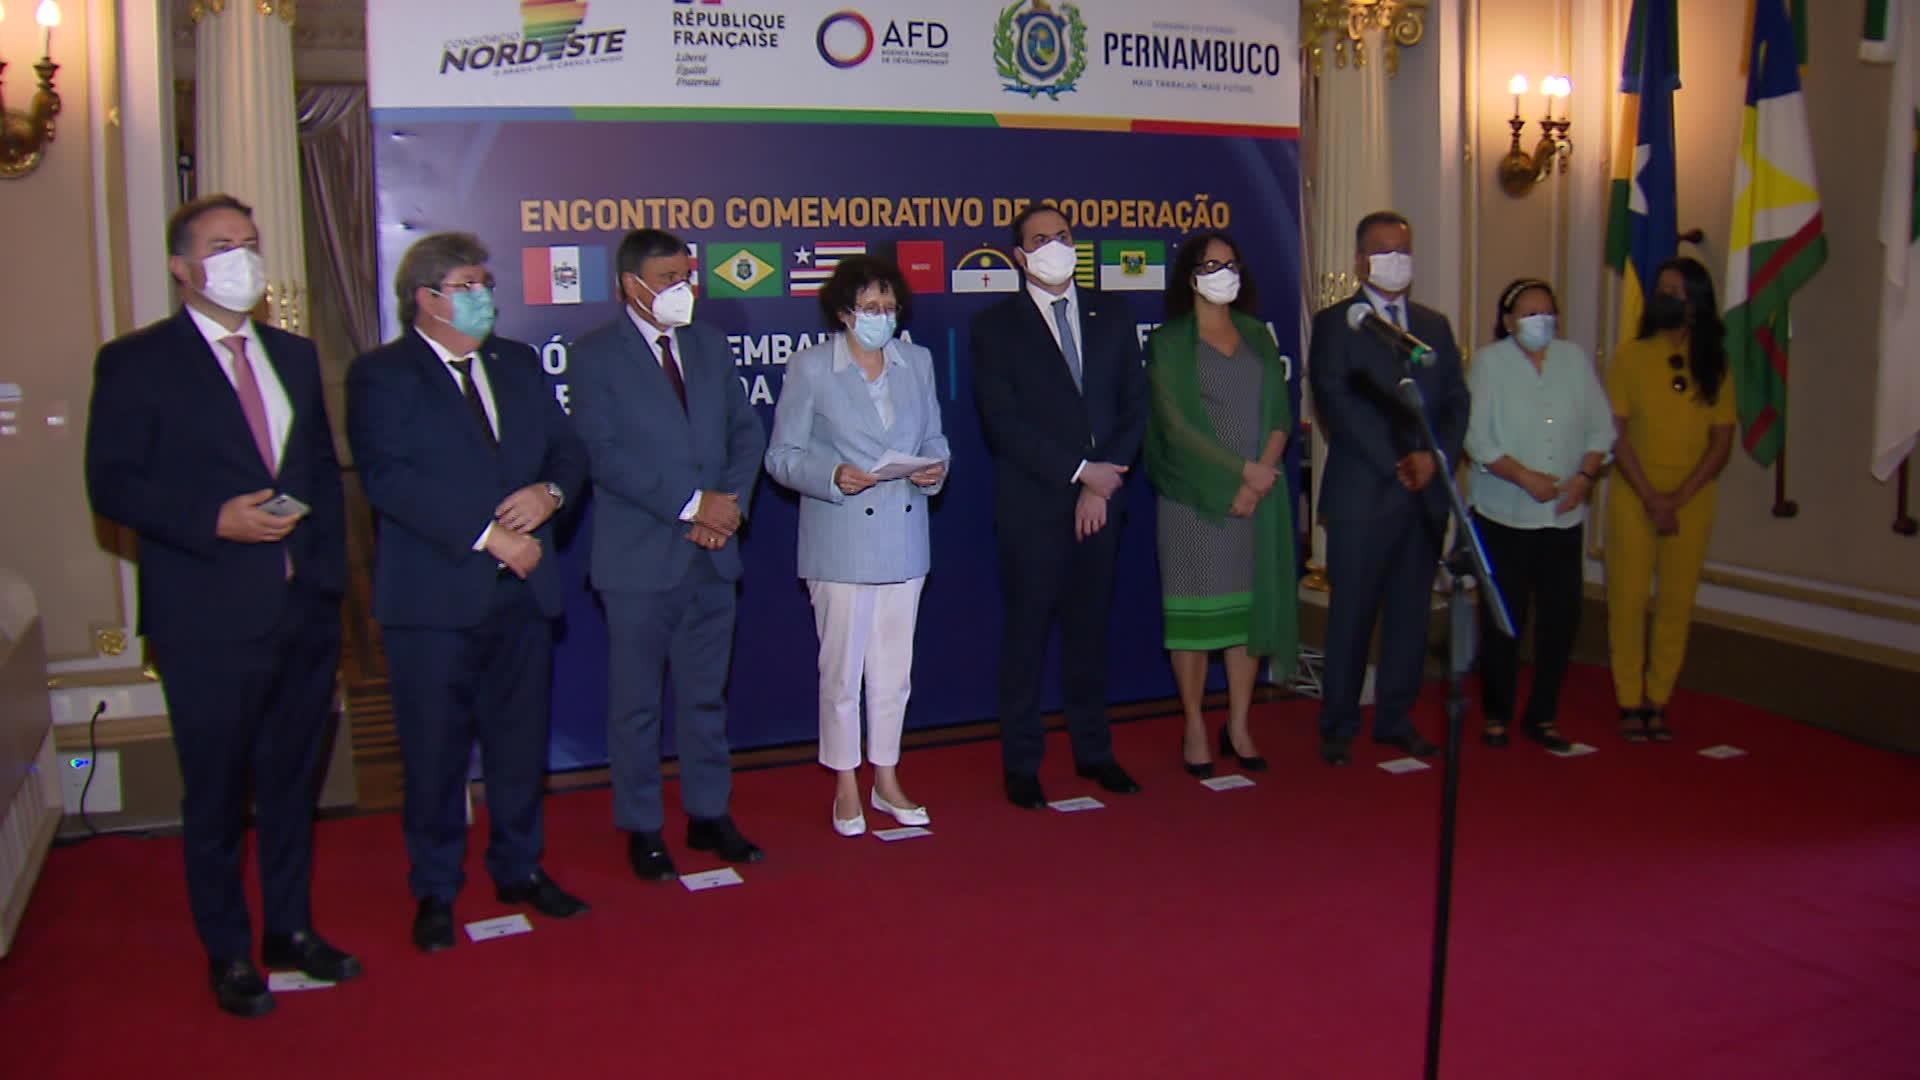 Consórcio Nordeste e governo da França assinam acordo para projetos de meio ambiente e geração de emprego